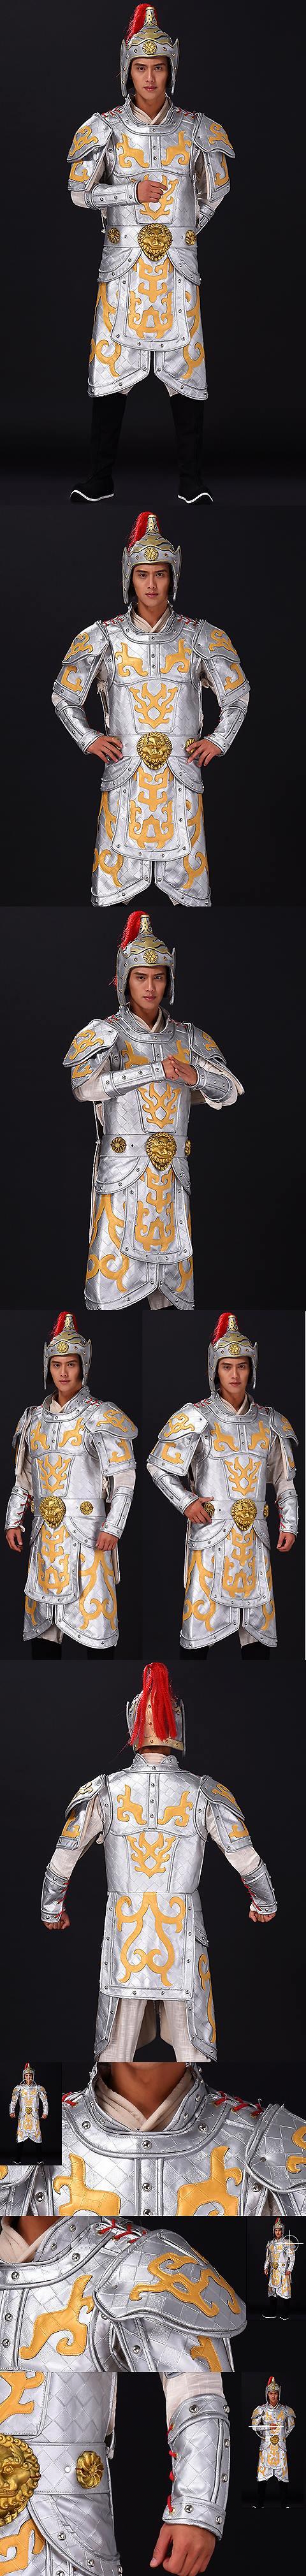 古裝將軍服套裝(成衣)